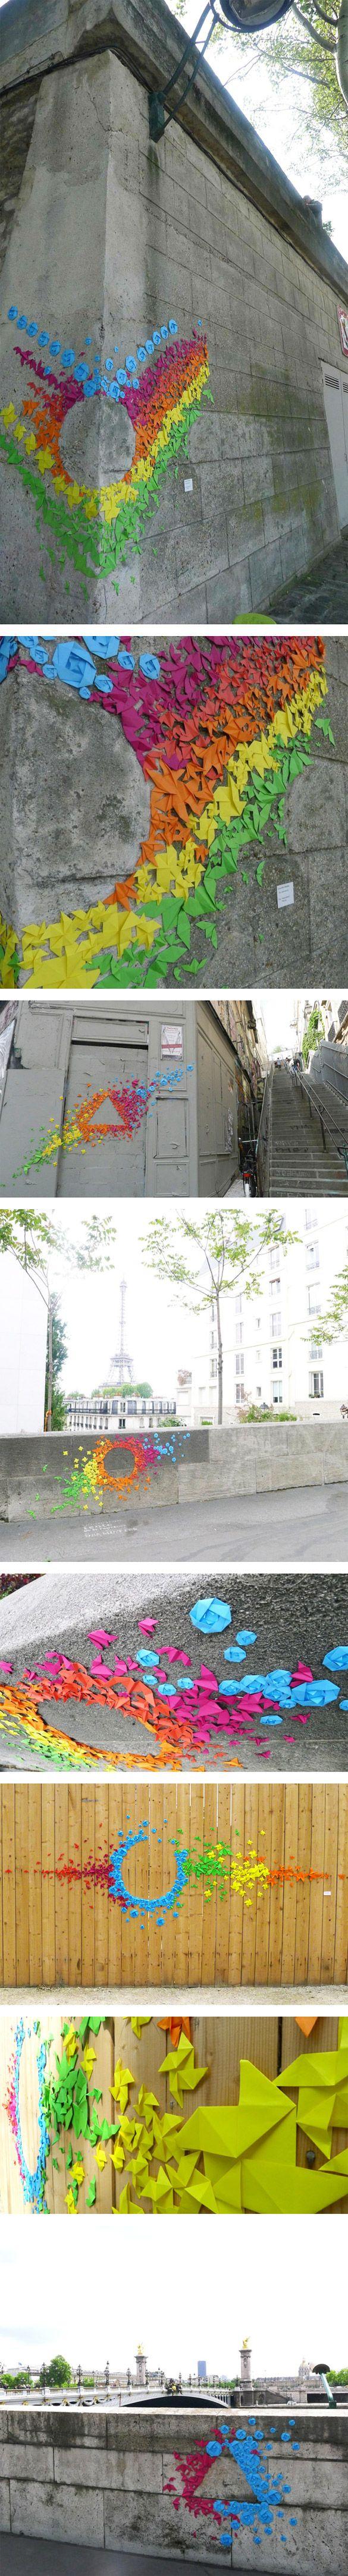 Les graffitis de papier à Paris sont signés Mademoiselle Maurice !